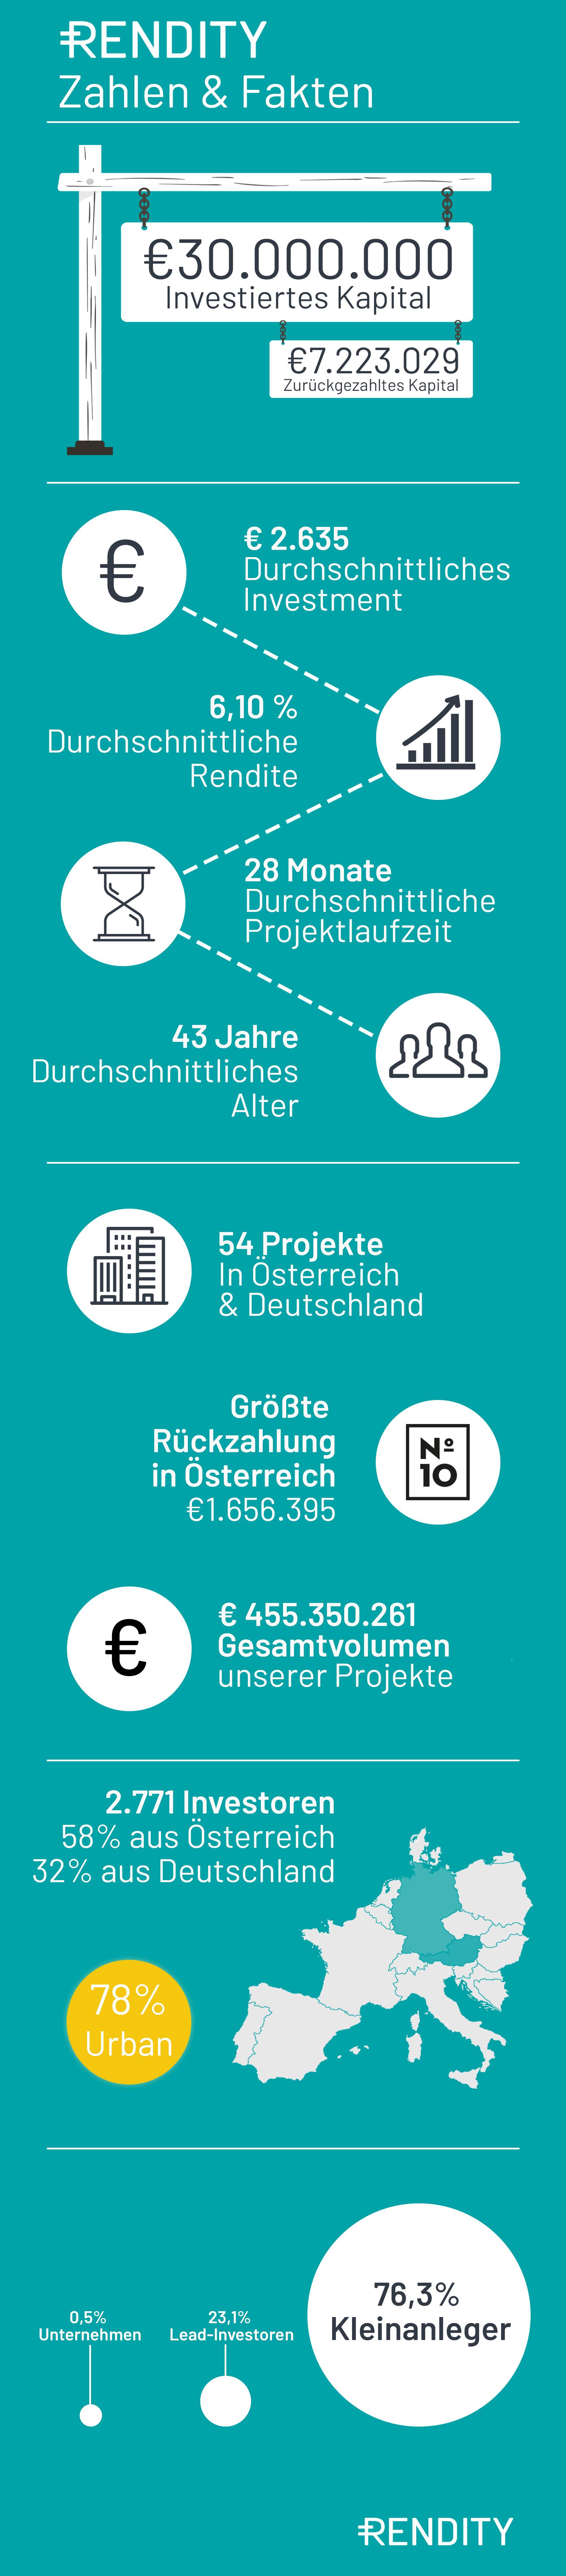 Rendity Zahlen 03/2020